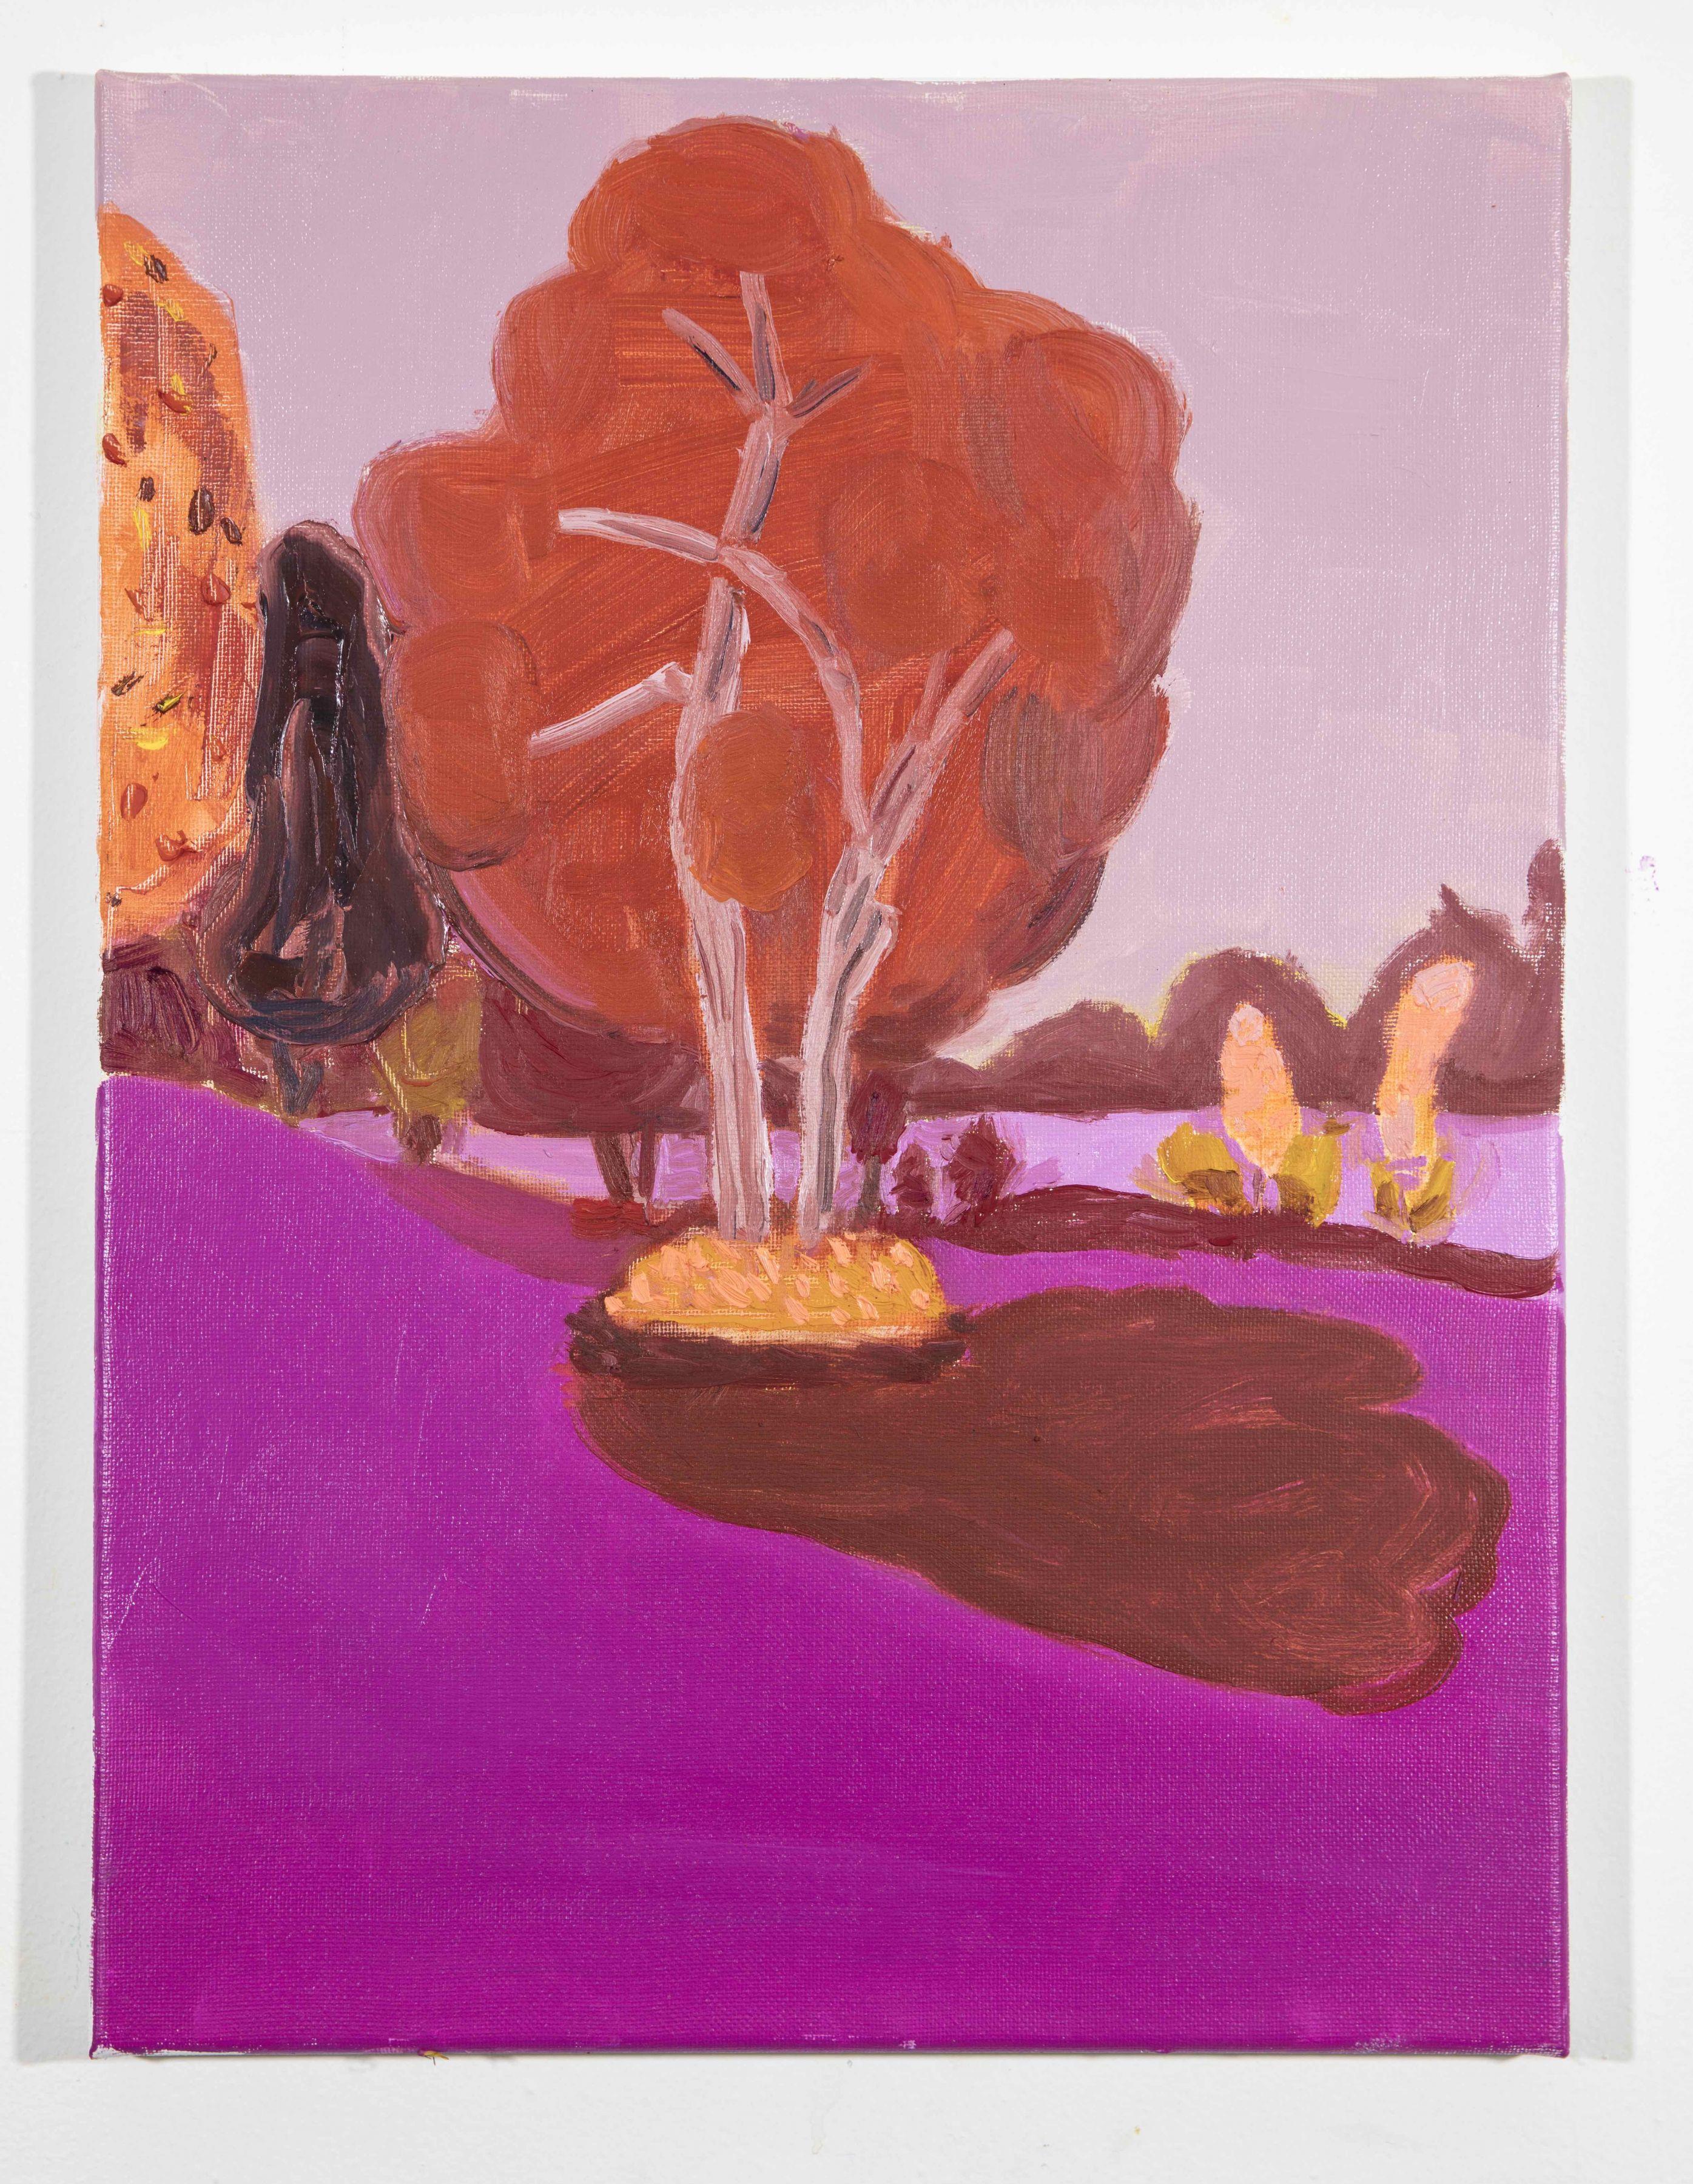 LISA SANDITZ, Landscape Color Study 2, 2019